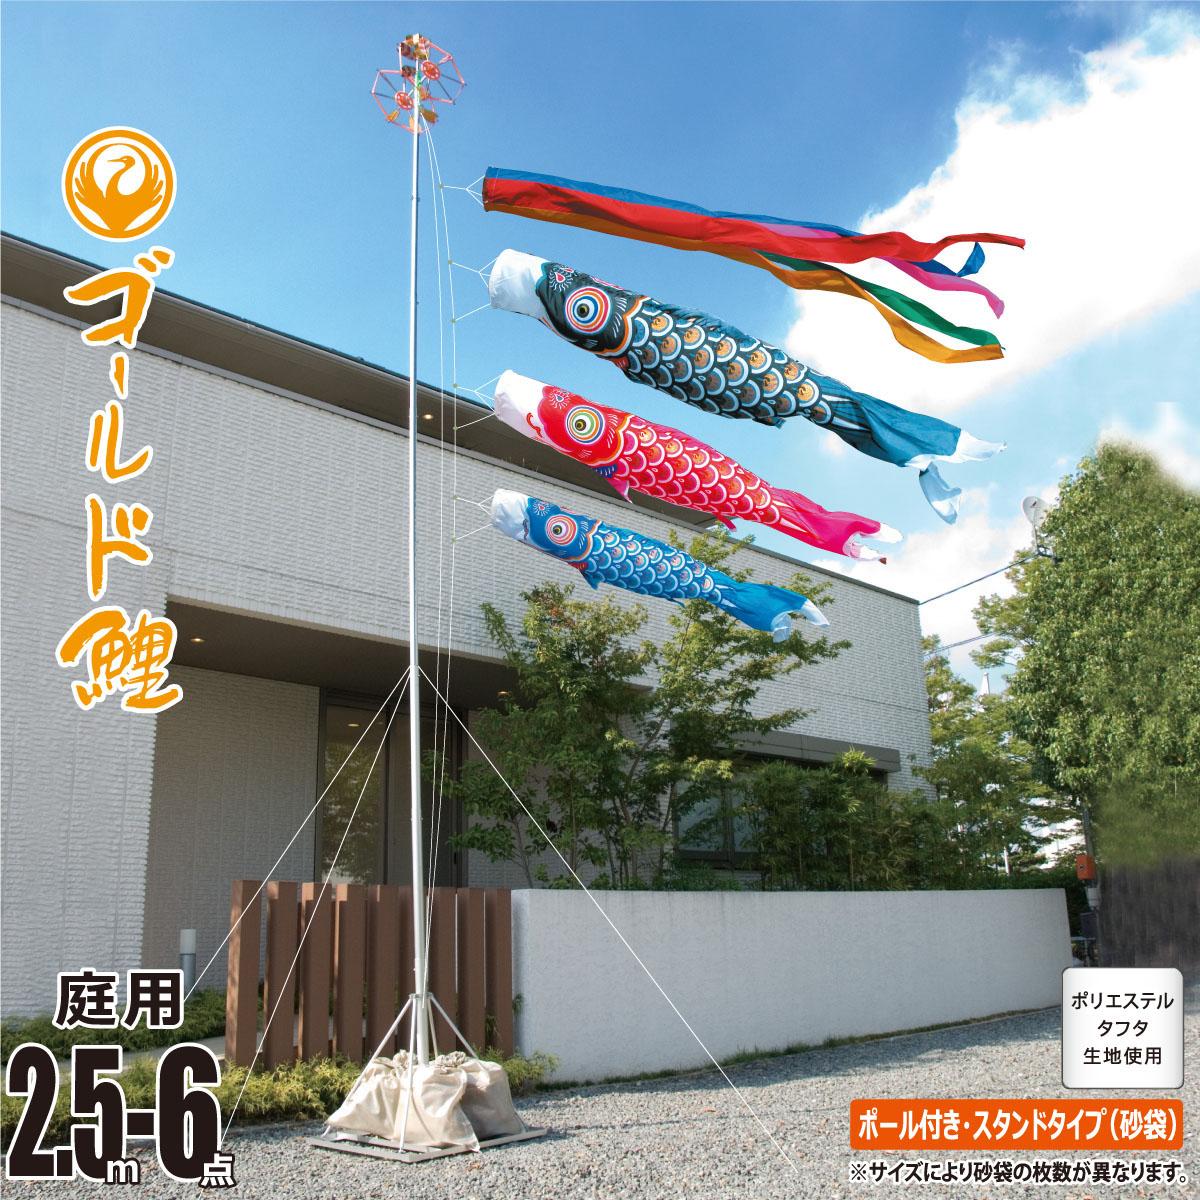 こいのぼり 2.5m ゴールド鯉 6点 (矢車、ロープ、吹流し、鯉3匹) 庭園用 スタンドセット (庭用 スタンド 砂袋4枚入り) 徳永鯉のぼり KIT-116-174